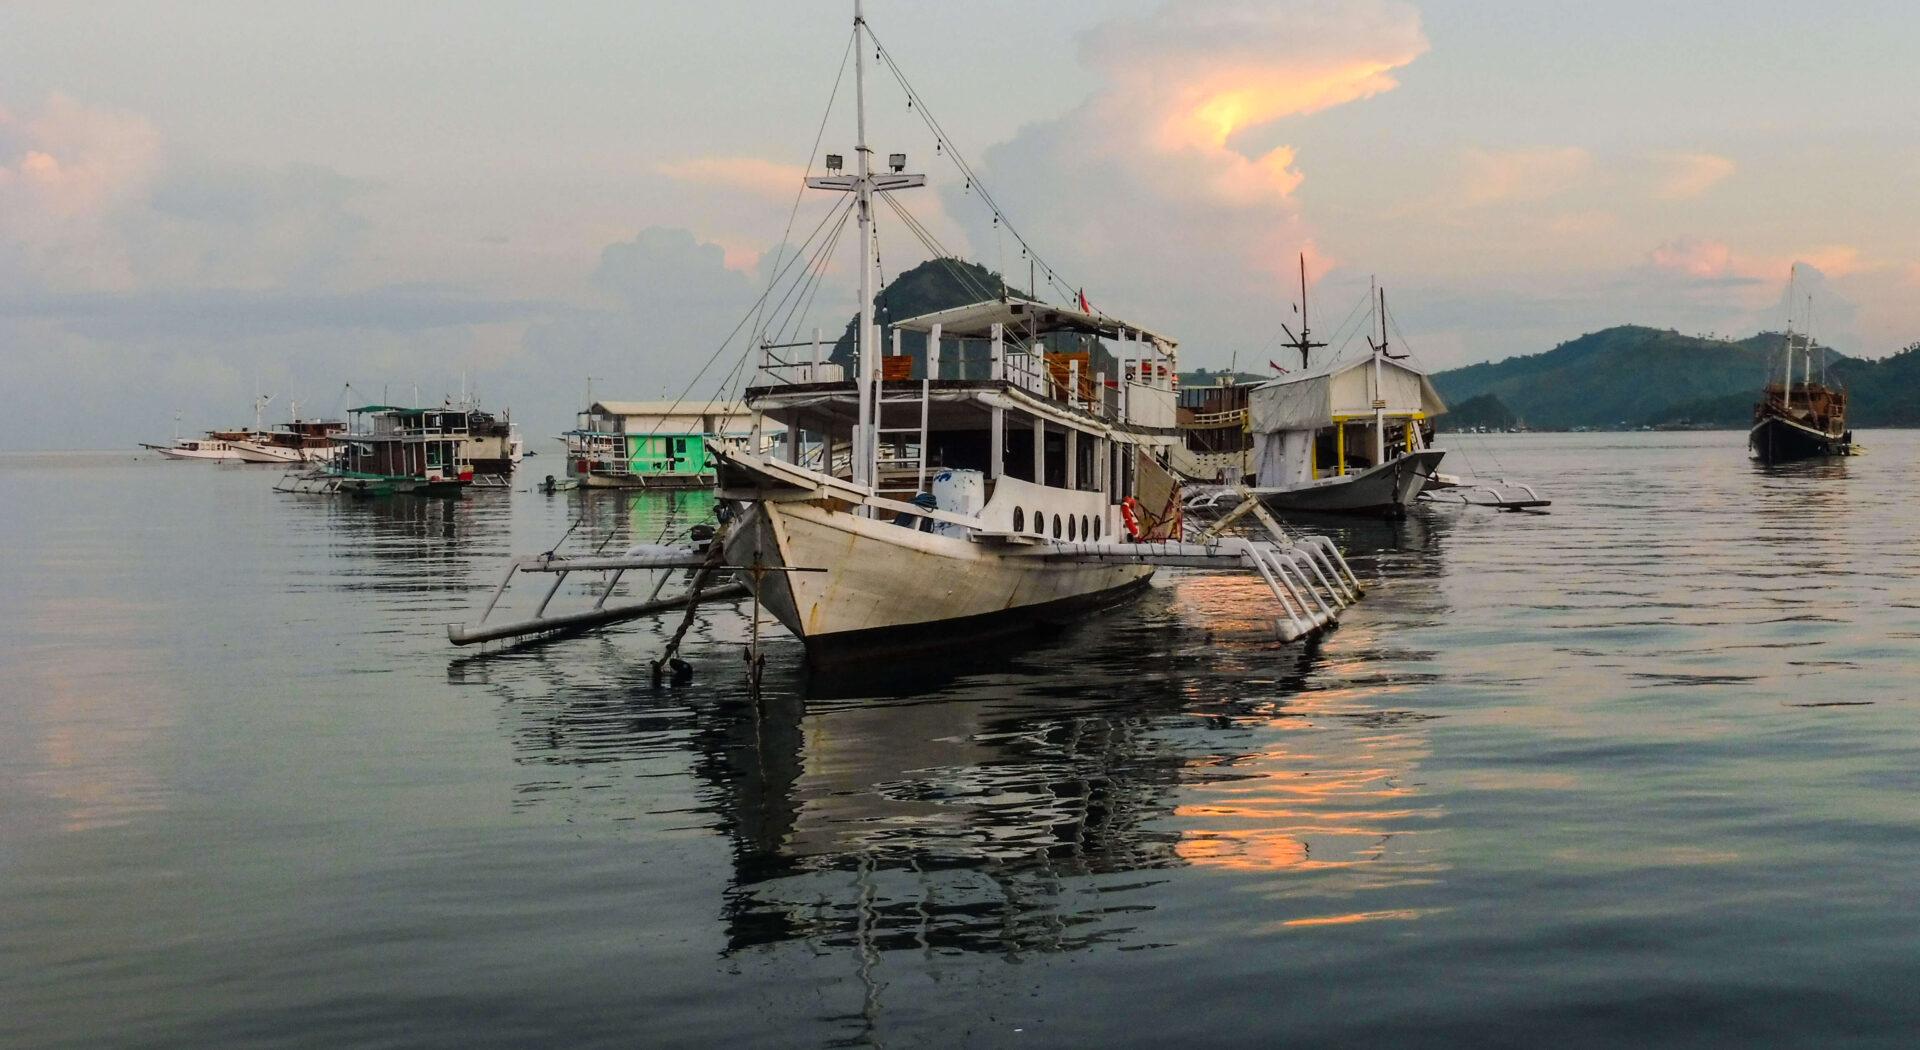 """Det flytende nabolaget i Labuan Bajo huser alt fra skrallende, totaksdrevne """"racer""""-båter og tradisjonelle treskuter, til spiderboats – som vi ser her."""